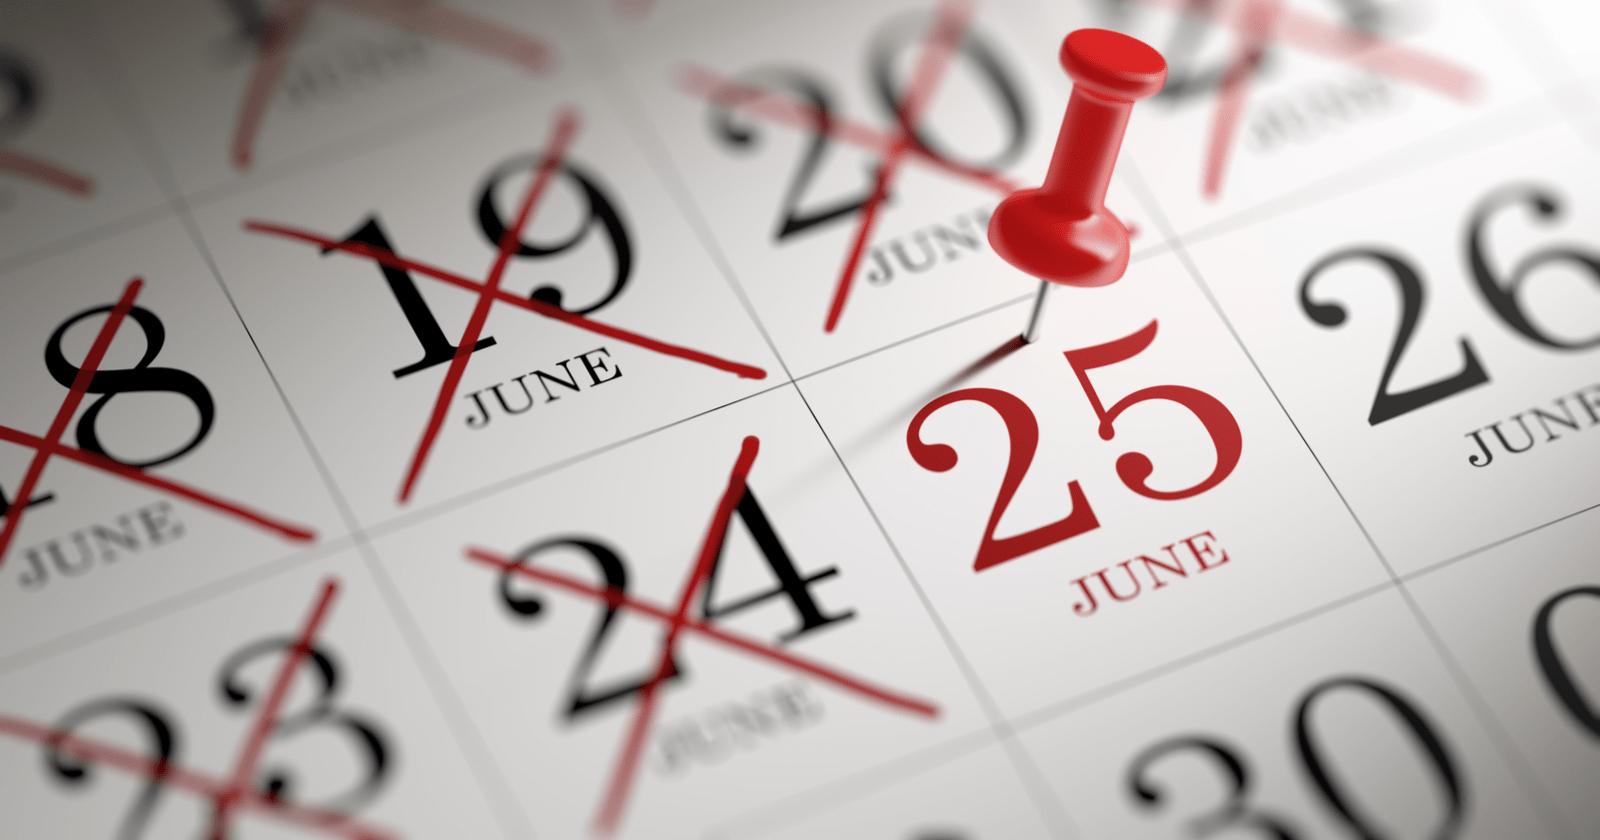 azure-group-news-reminder-to-lodge-2021-FBT-return-fbt-due-date-25-june-2021